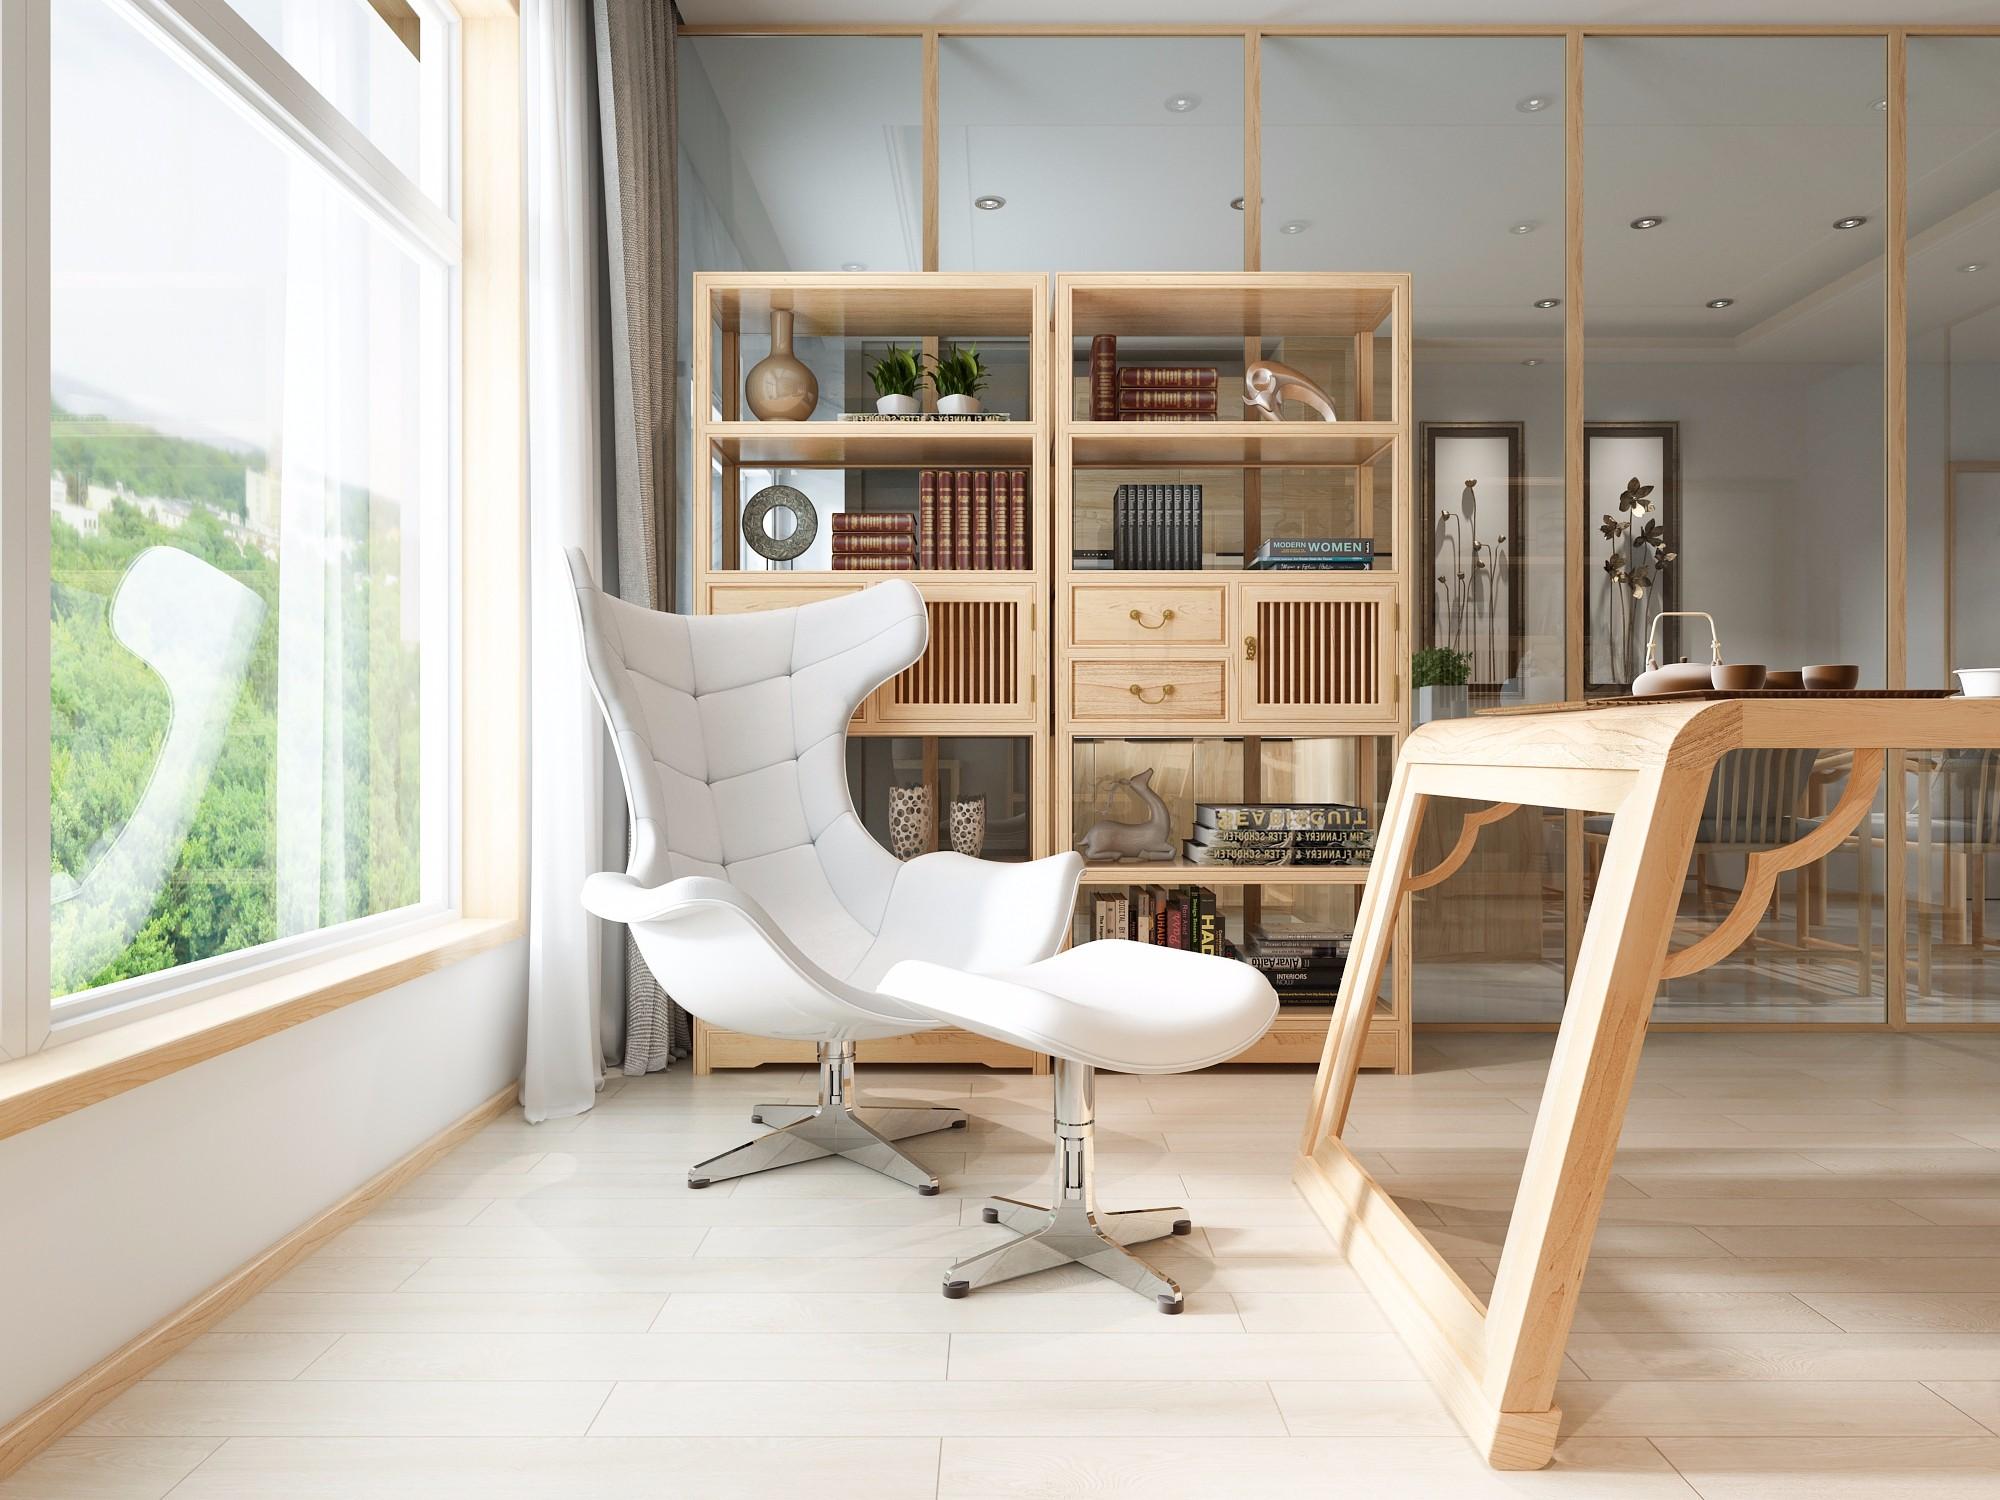 家居 设计 书房 装修 2000_1500图片